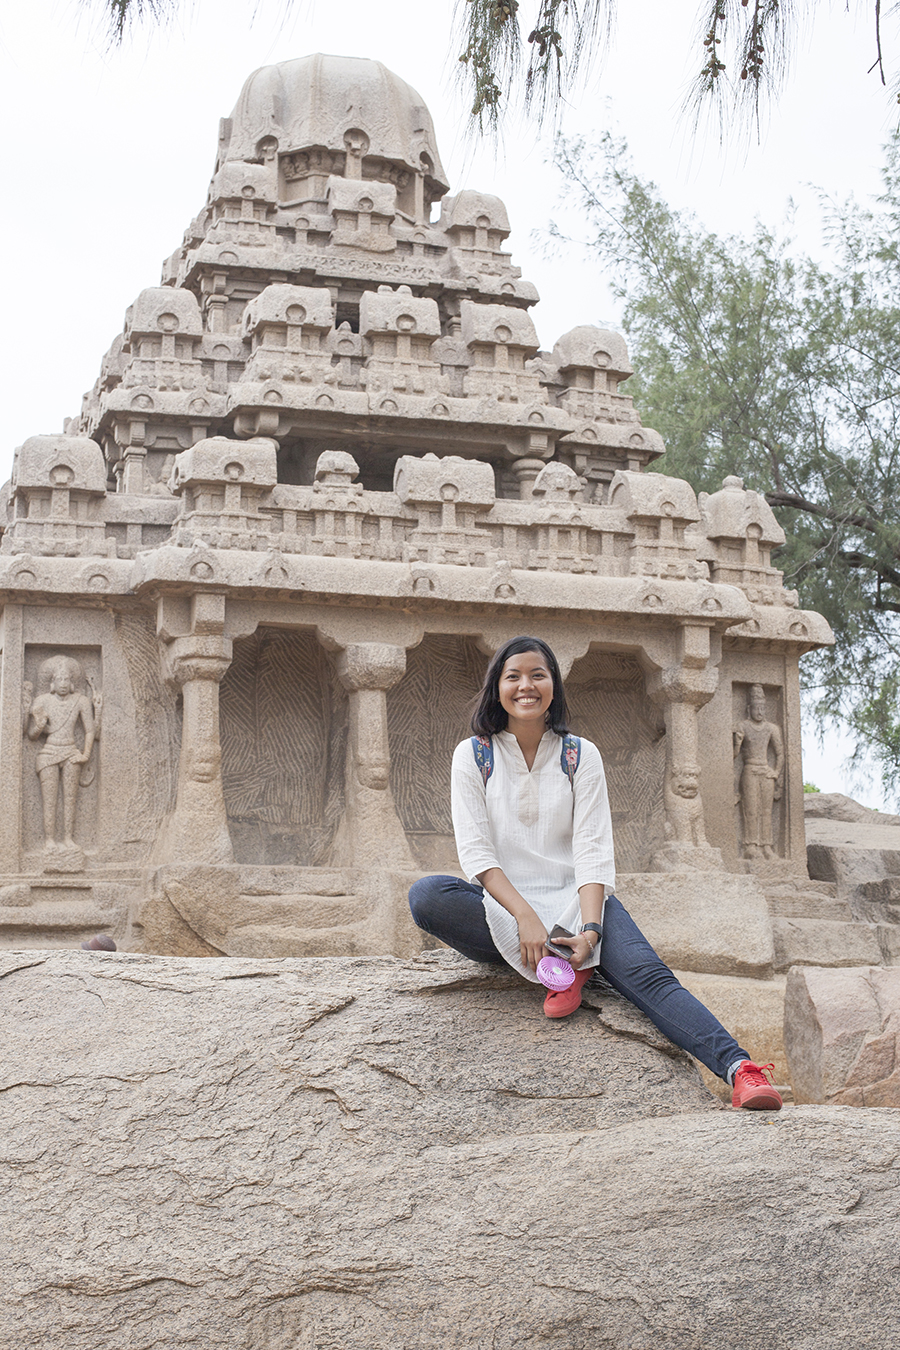 Shasha at 5 Rathas Mahabalipuran Chennai India.